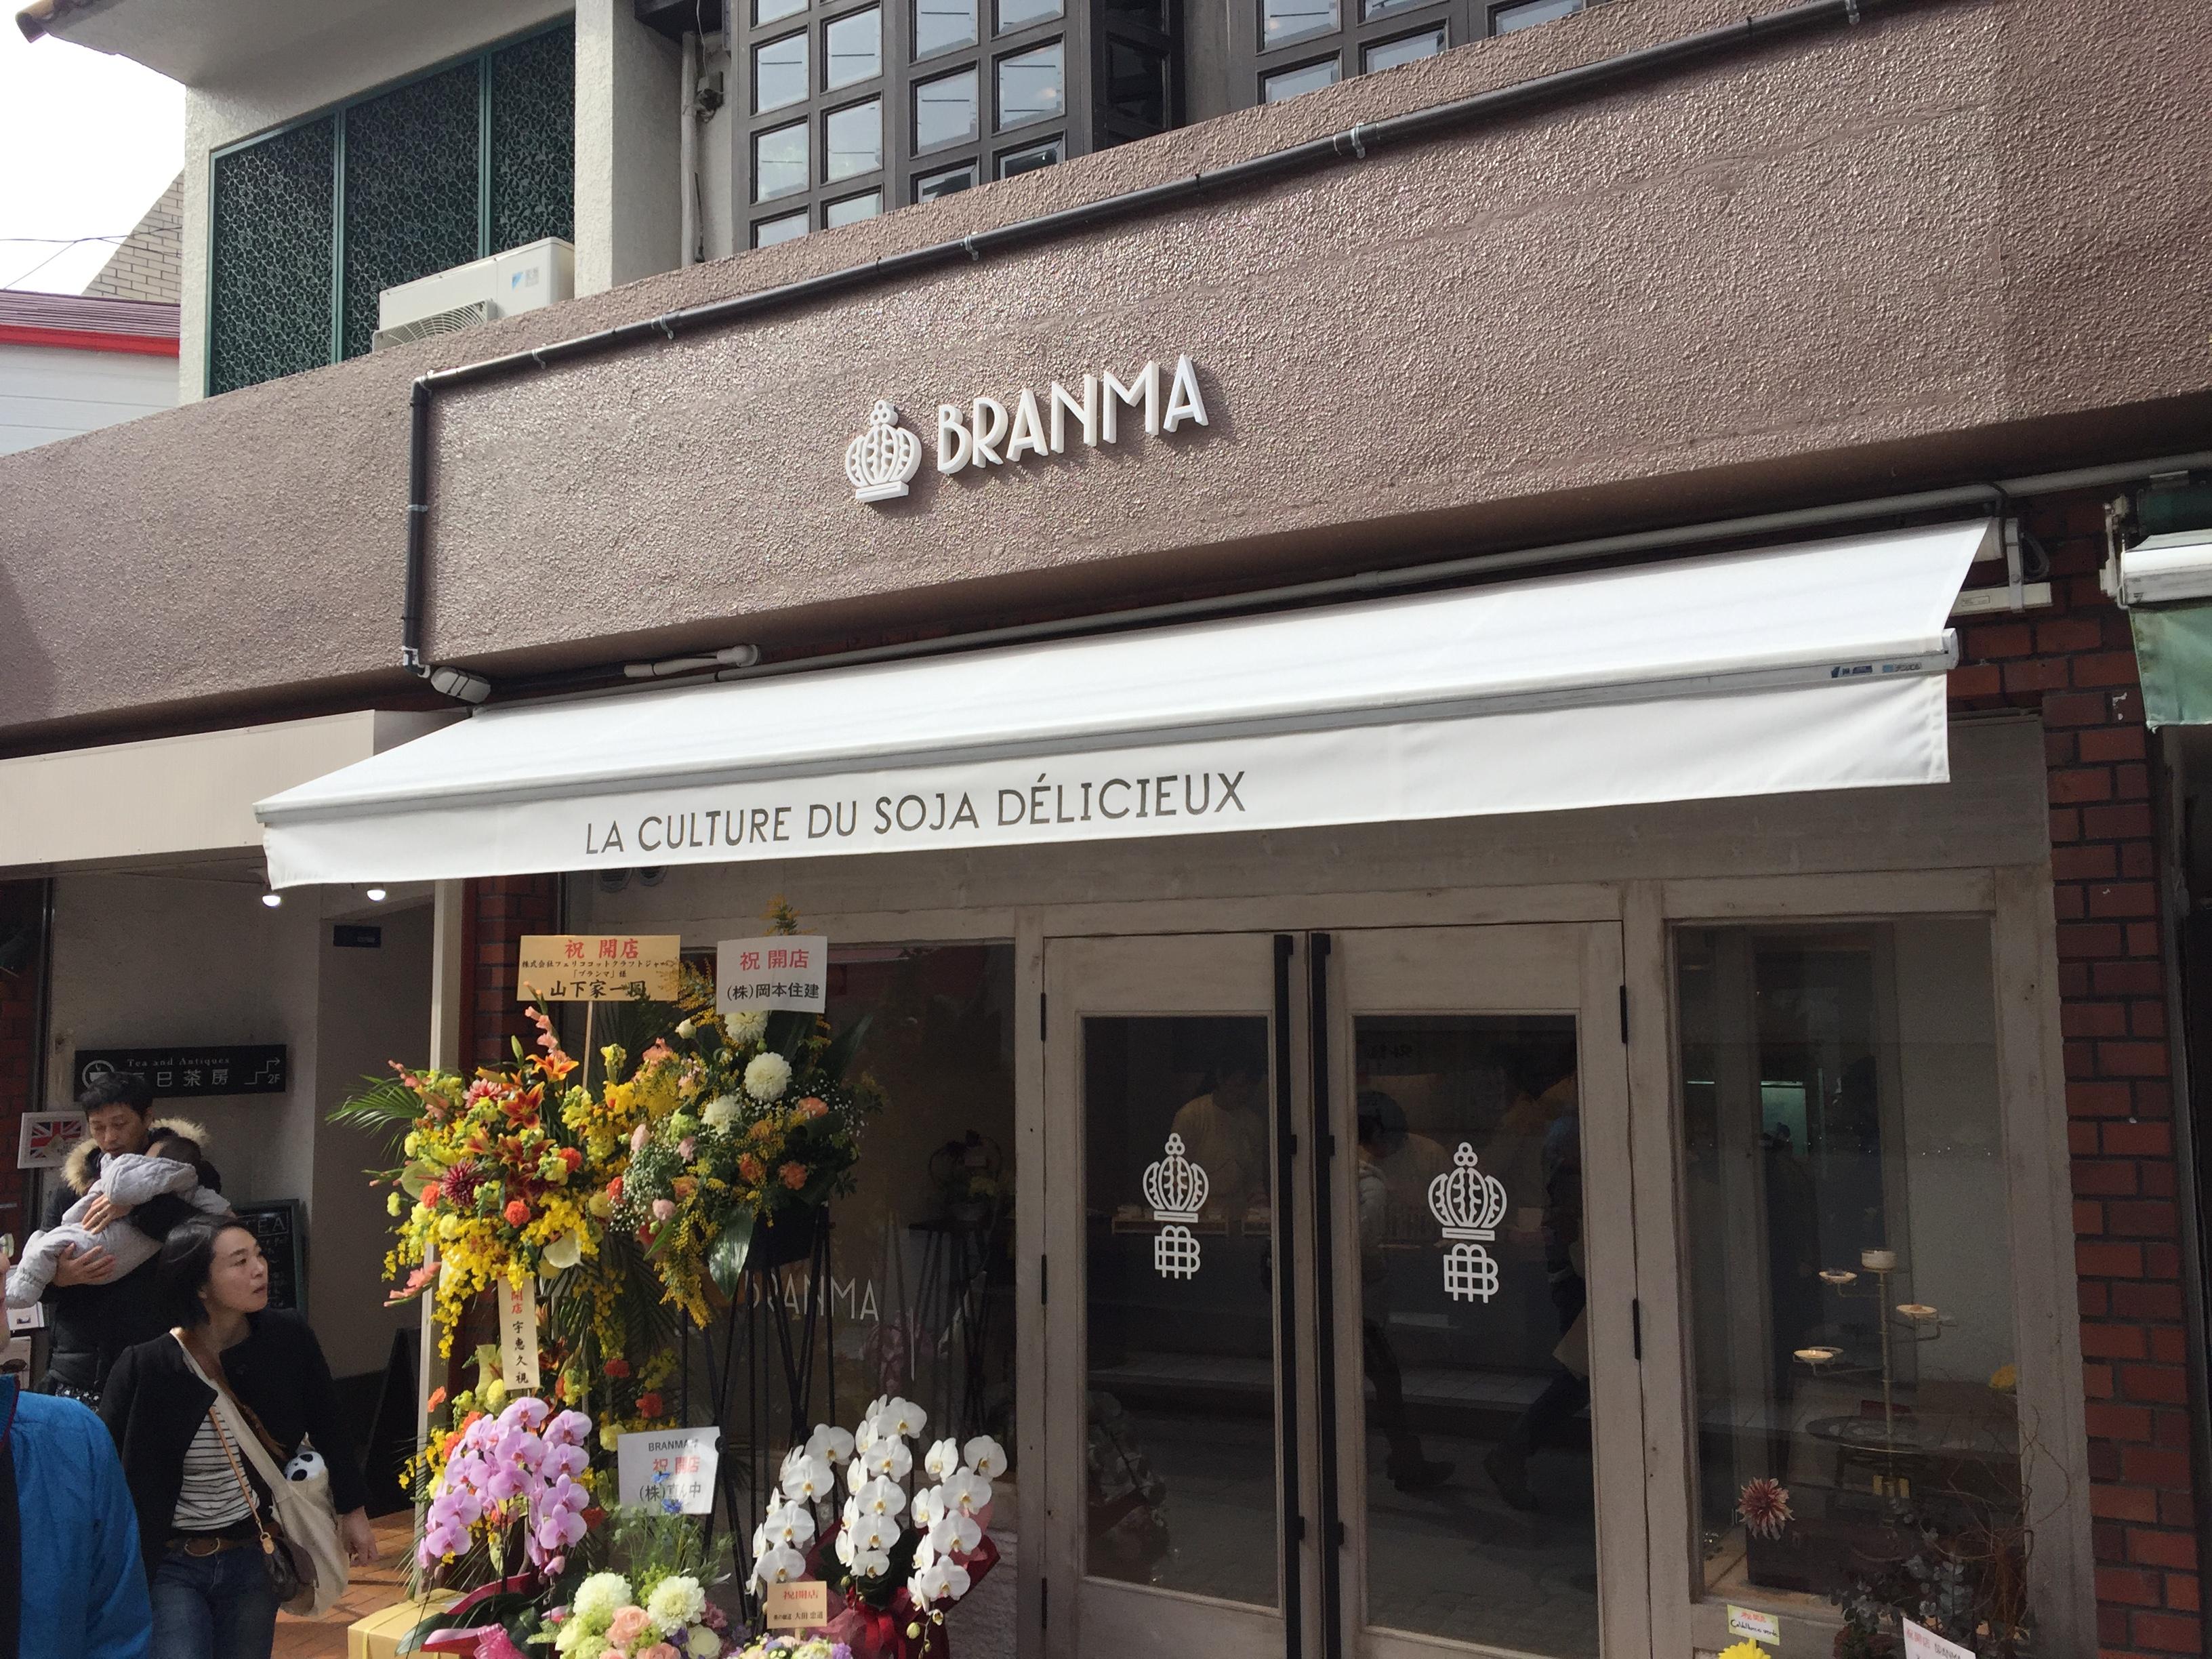 神戸・岡本にブランマ(BRANMA)っていう発酵豆乳スイーツのお店がオープンしたよ【※写真&情報更新あり】